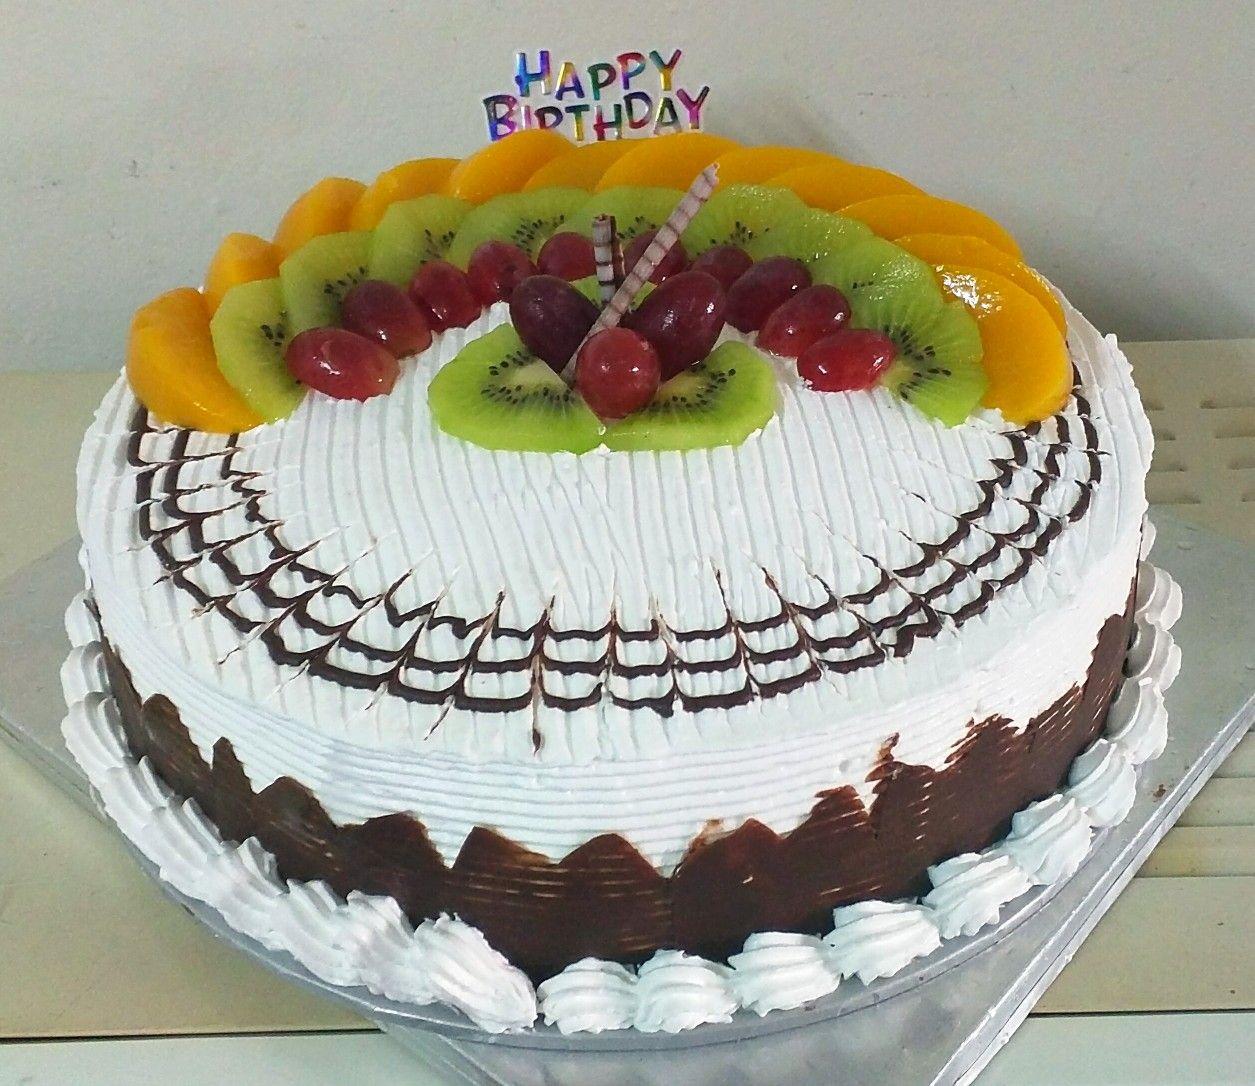 Cuadrado Pasteles Decorados Con Fruta Y Chocolate